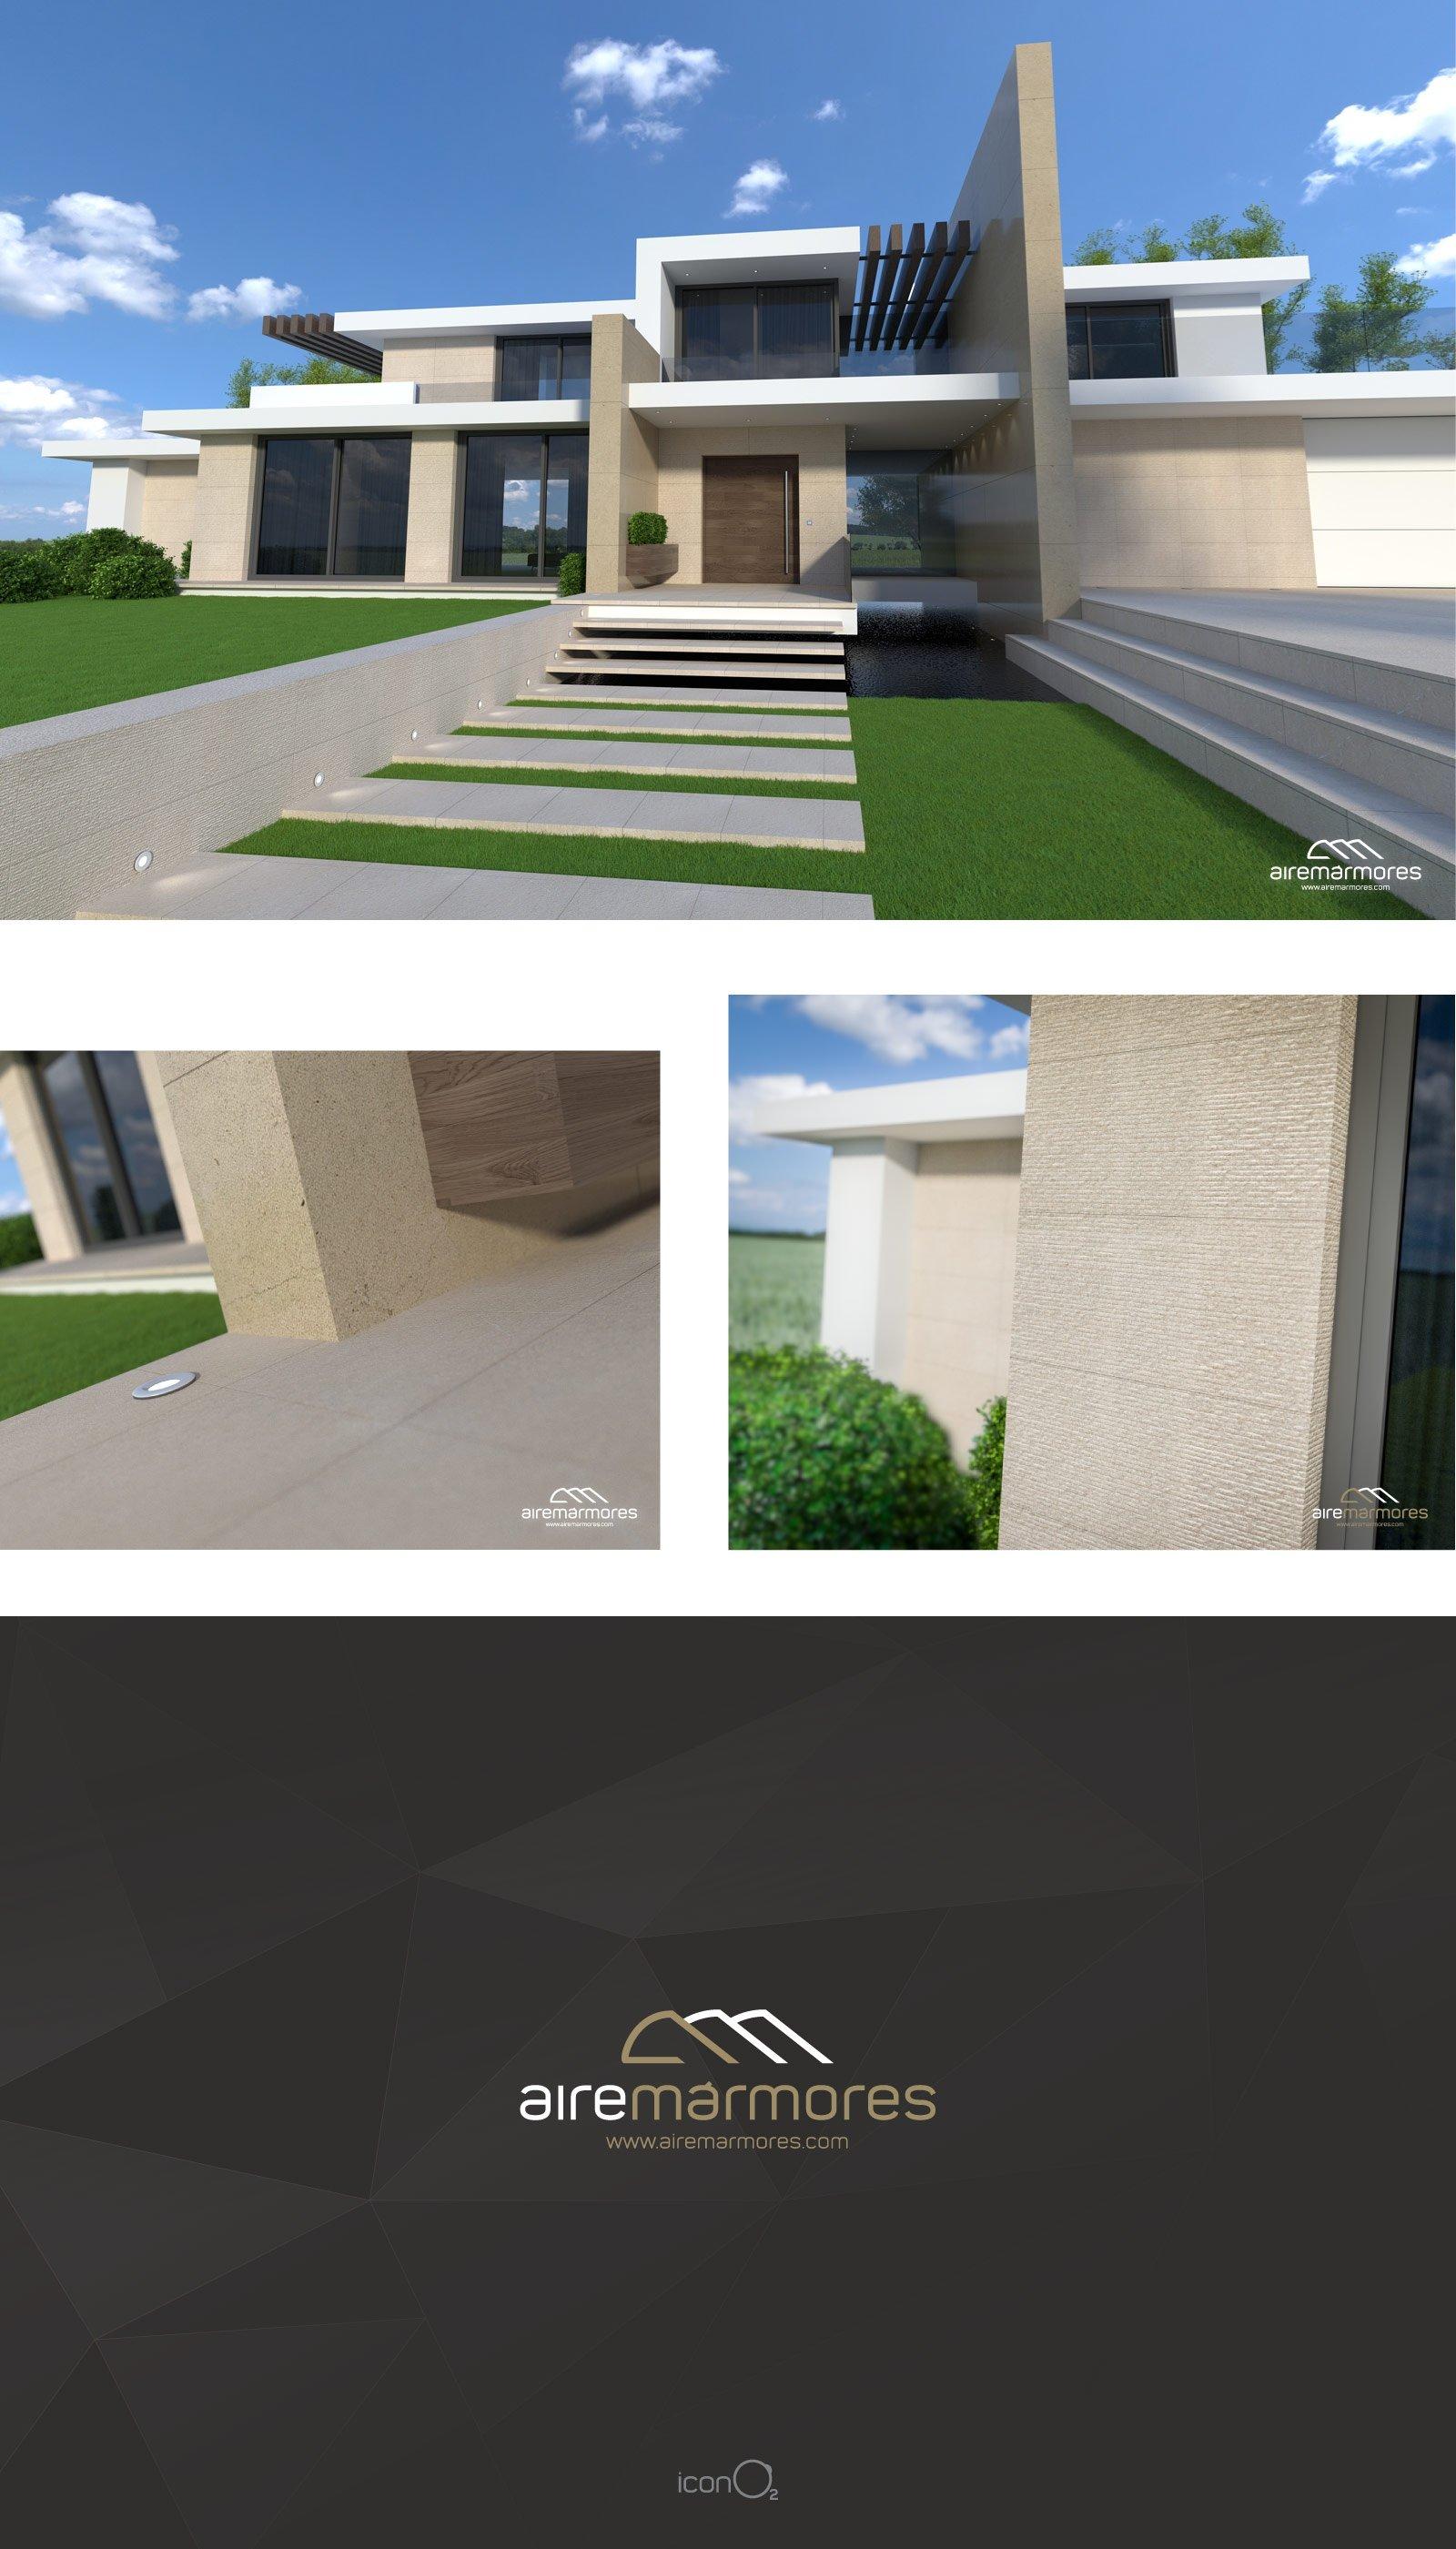 Airemármores Casa 3D